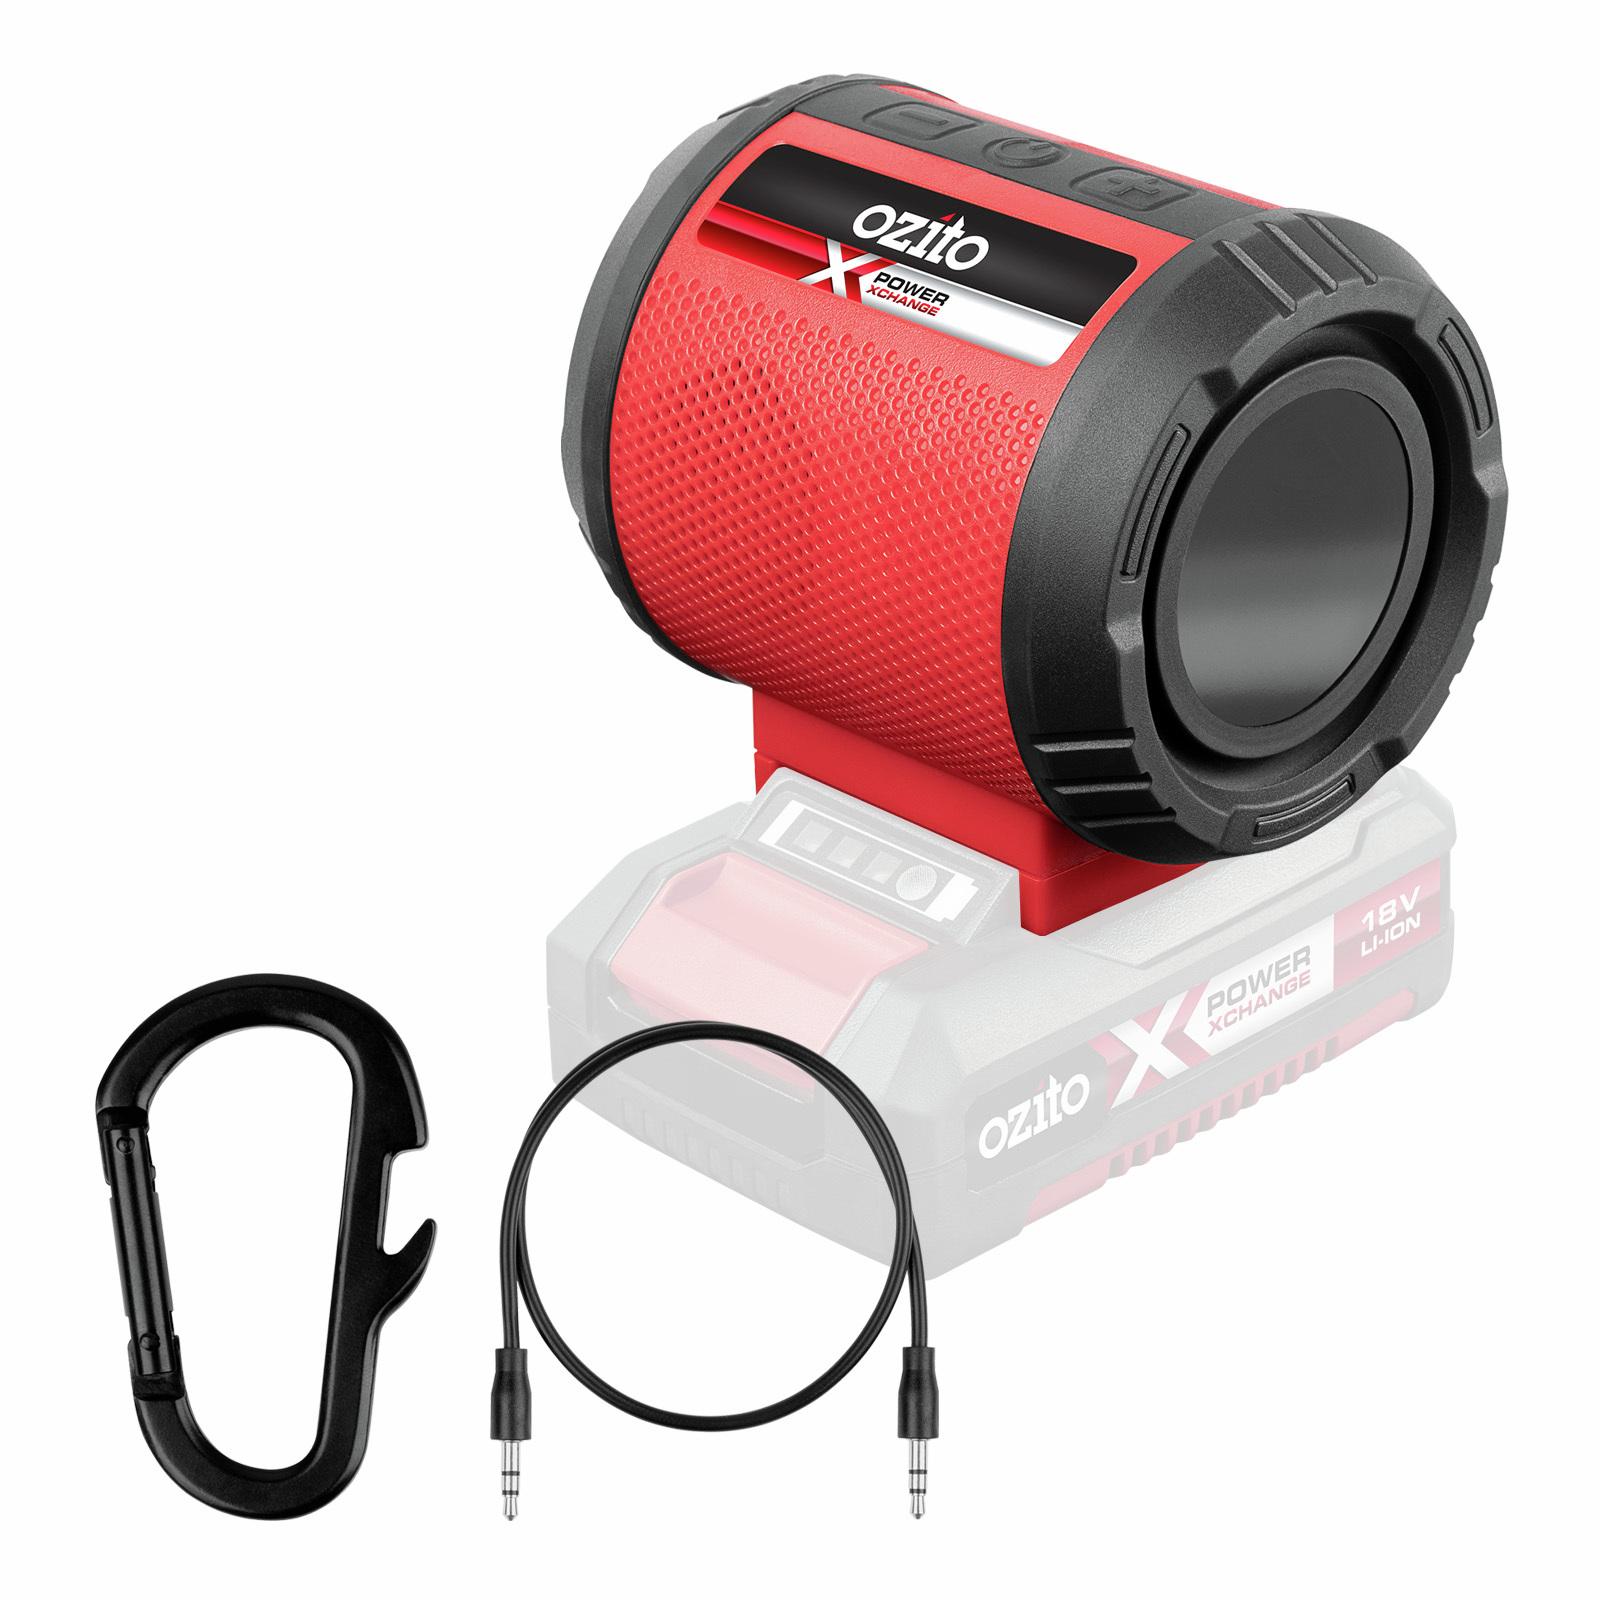 Ozito PXC 18V Cordless Bluetooth Speaker - Skin Only